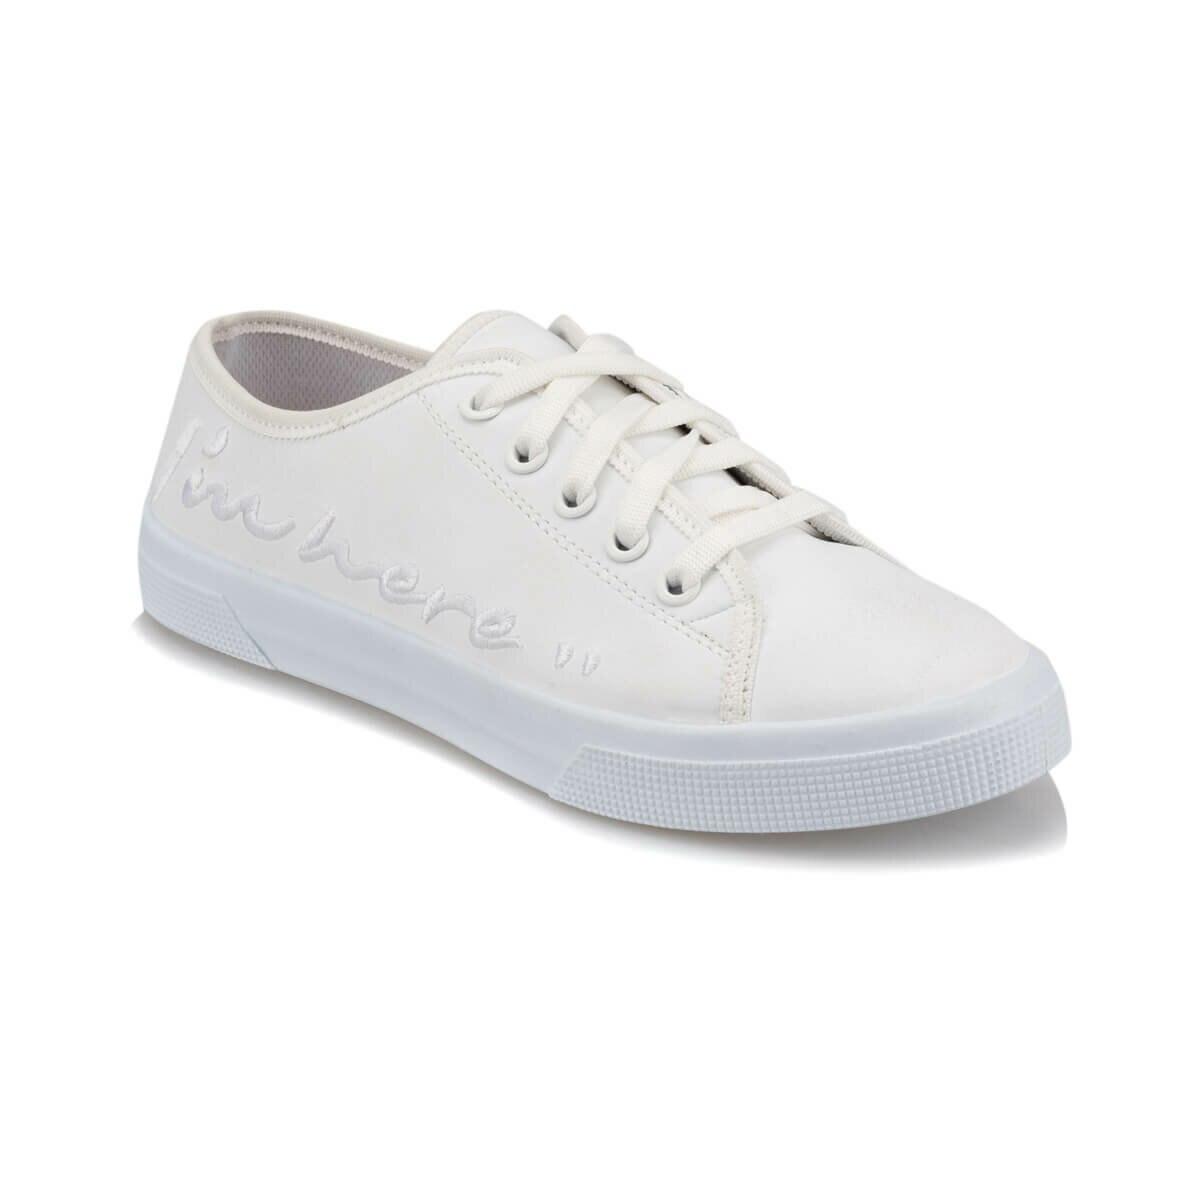 FLO 92. 314888.Z White Women 'S Shoes Polaris